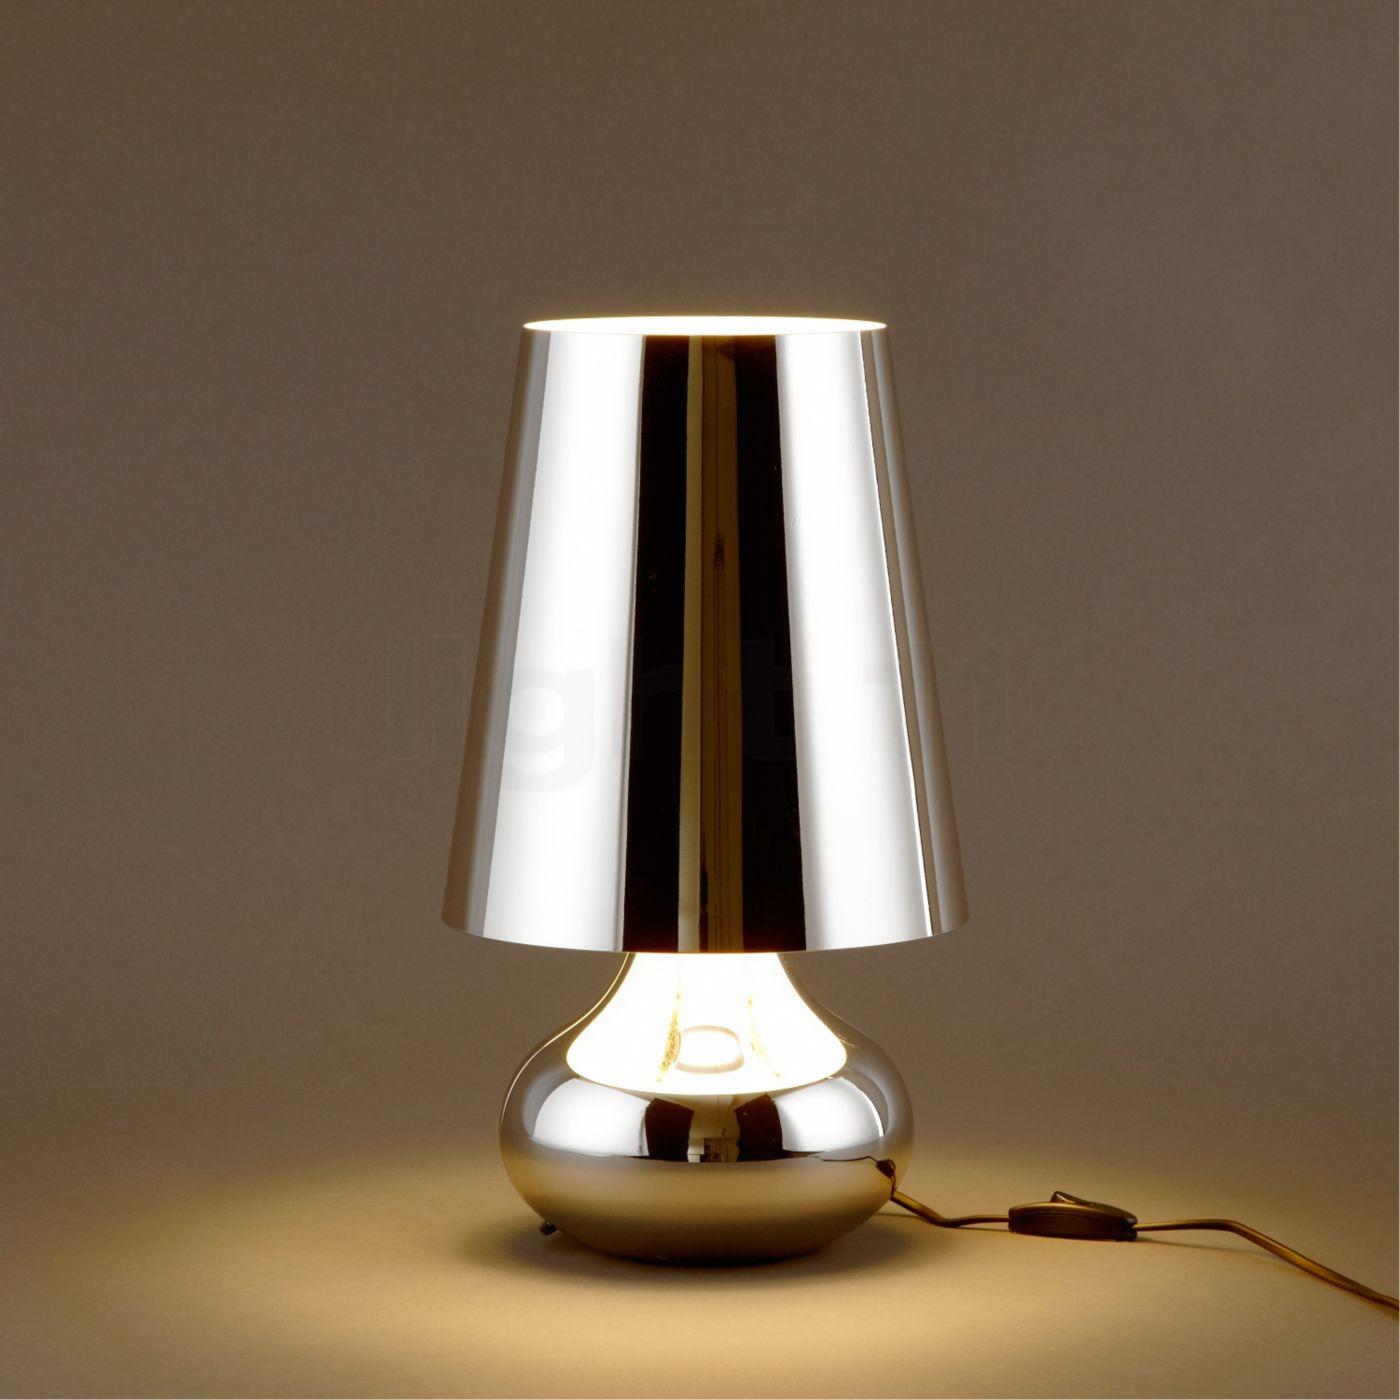 Kartell Cindy  2000702105872lw lw 001 004 Résultat Supérieur 15 Bon Marché Lampe Design Kartell Galerie 2017 Ldkt